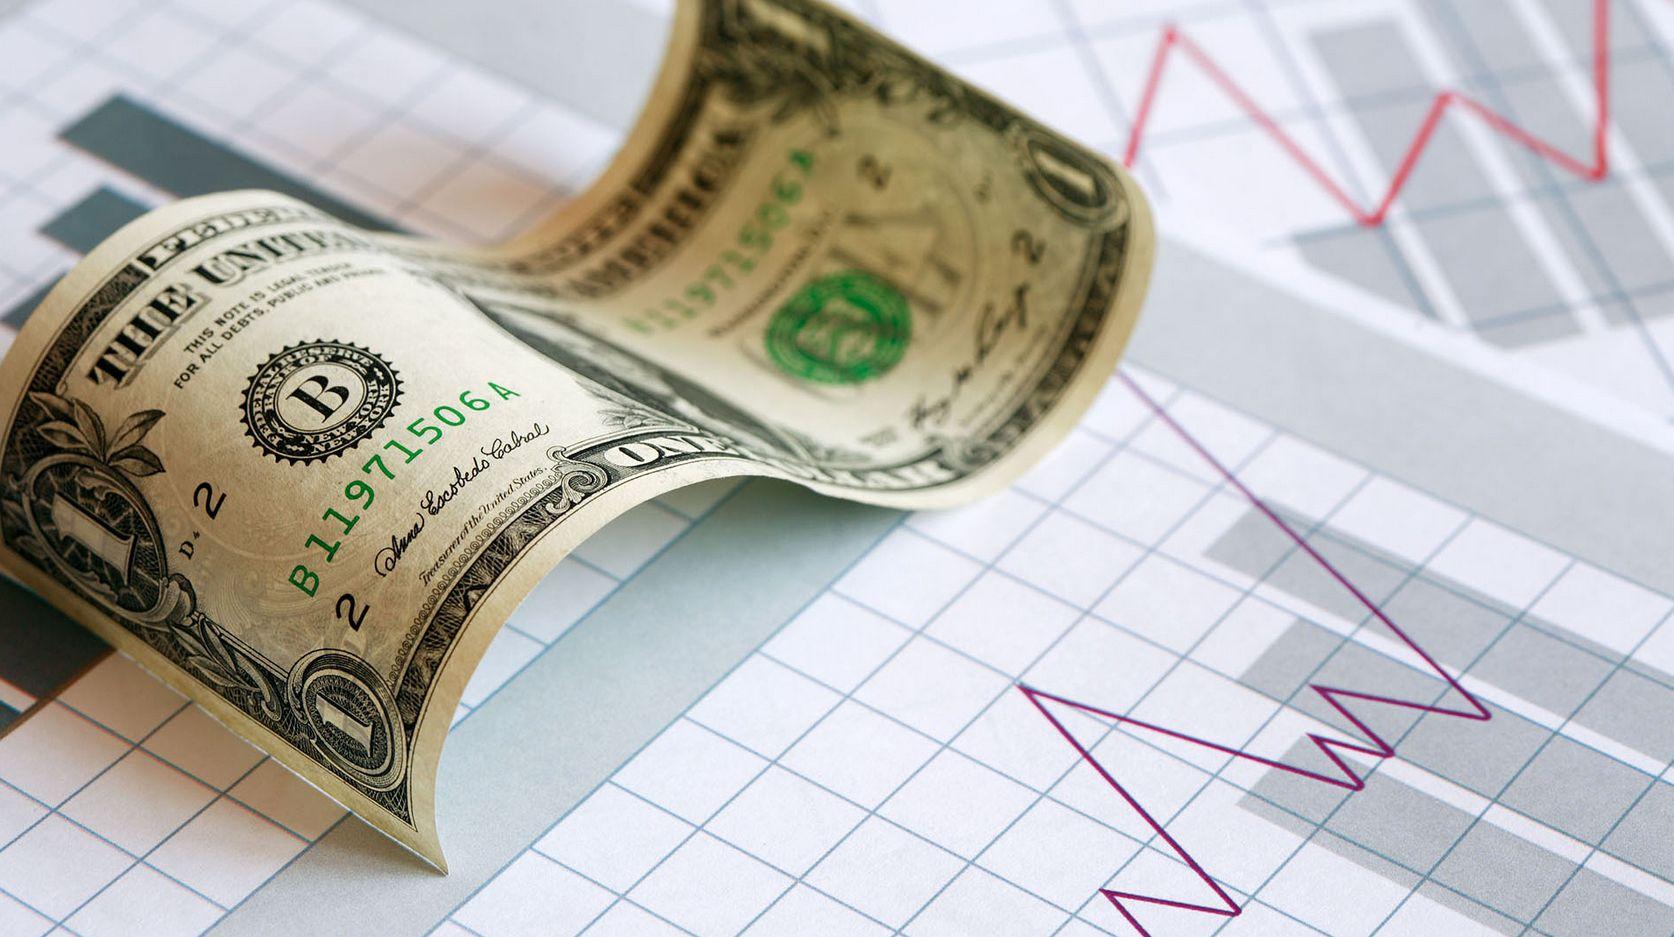 Купюра доллара США на фоне листка с графиком